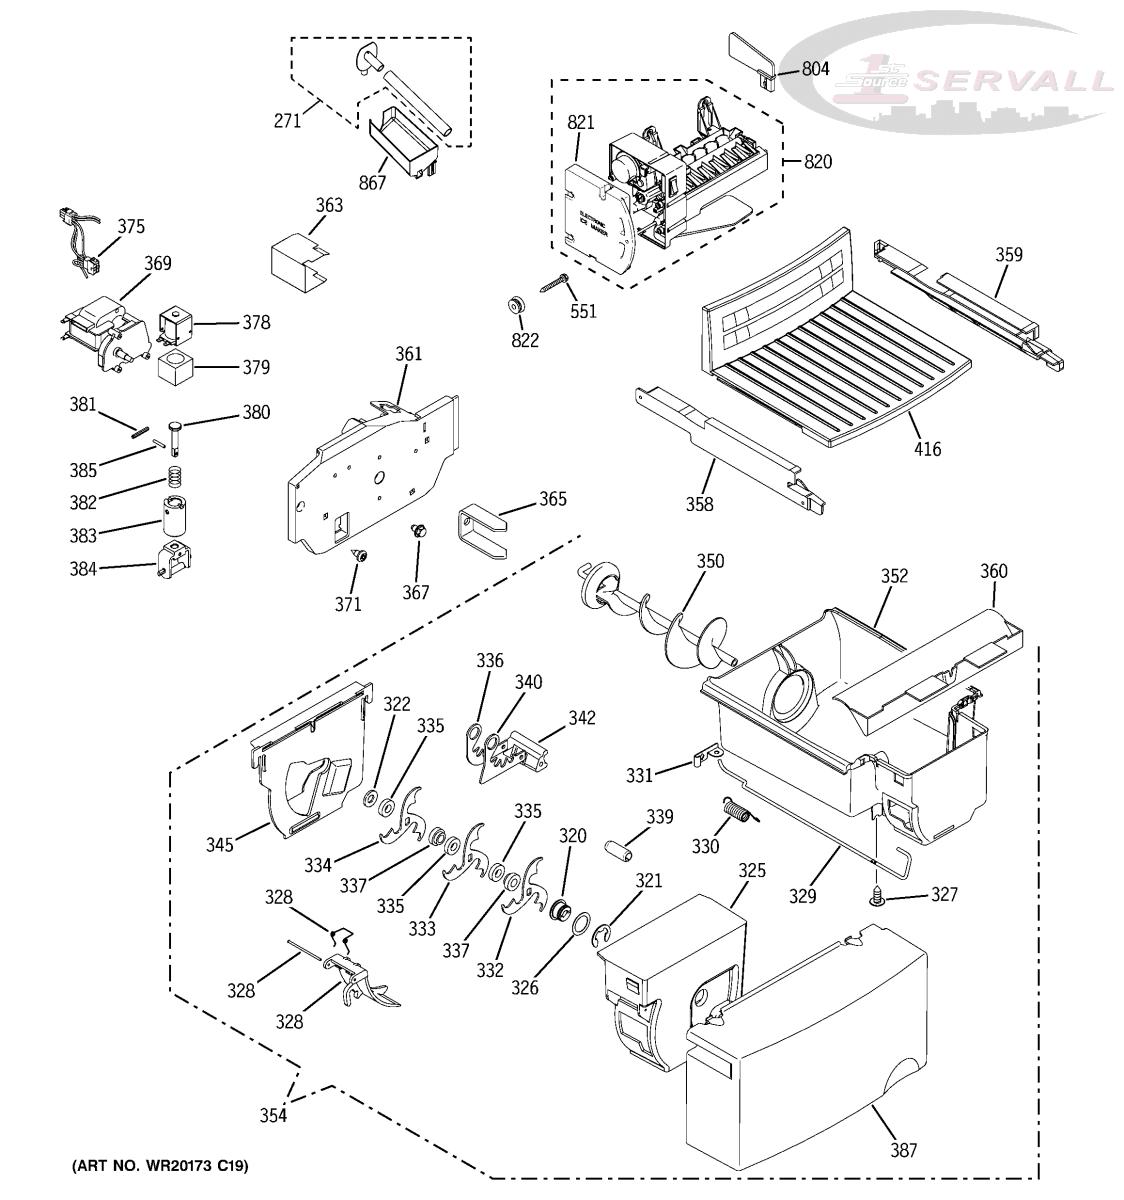 Maytag Mdg6000bww Wiring Harness Diagram. . Wiring Diagram on